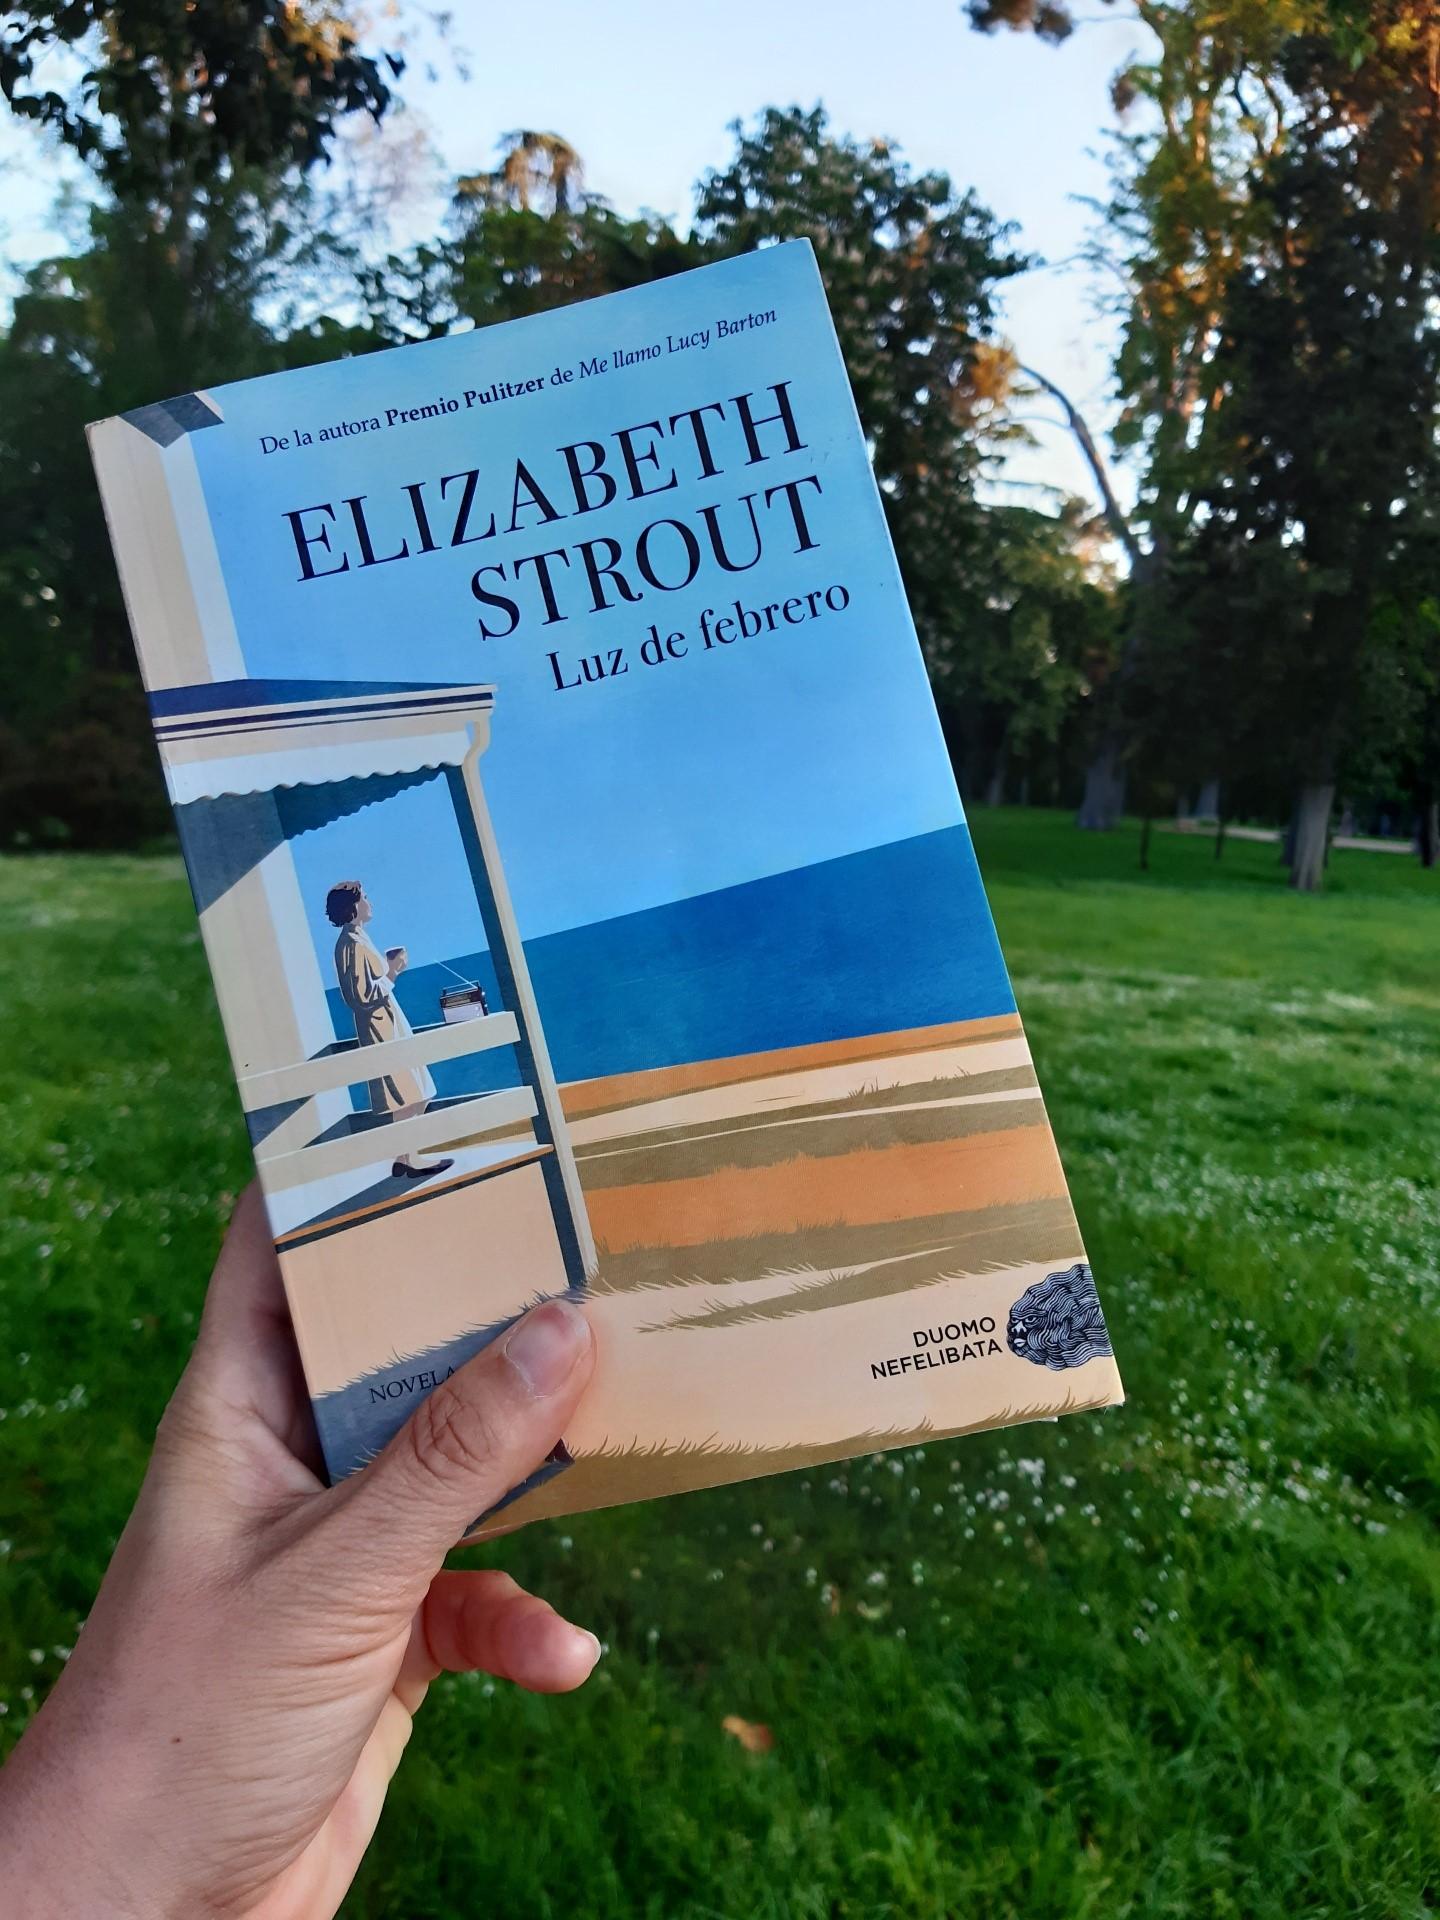 «LUZ DE FEBRERO», de Elizabeth Strout